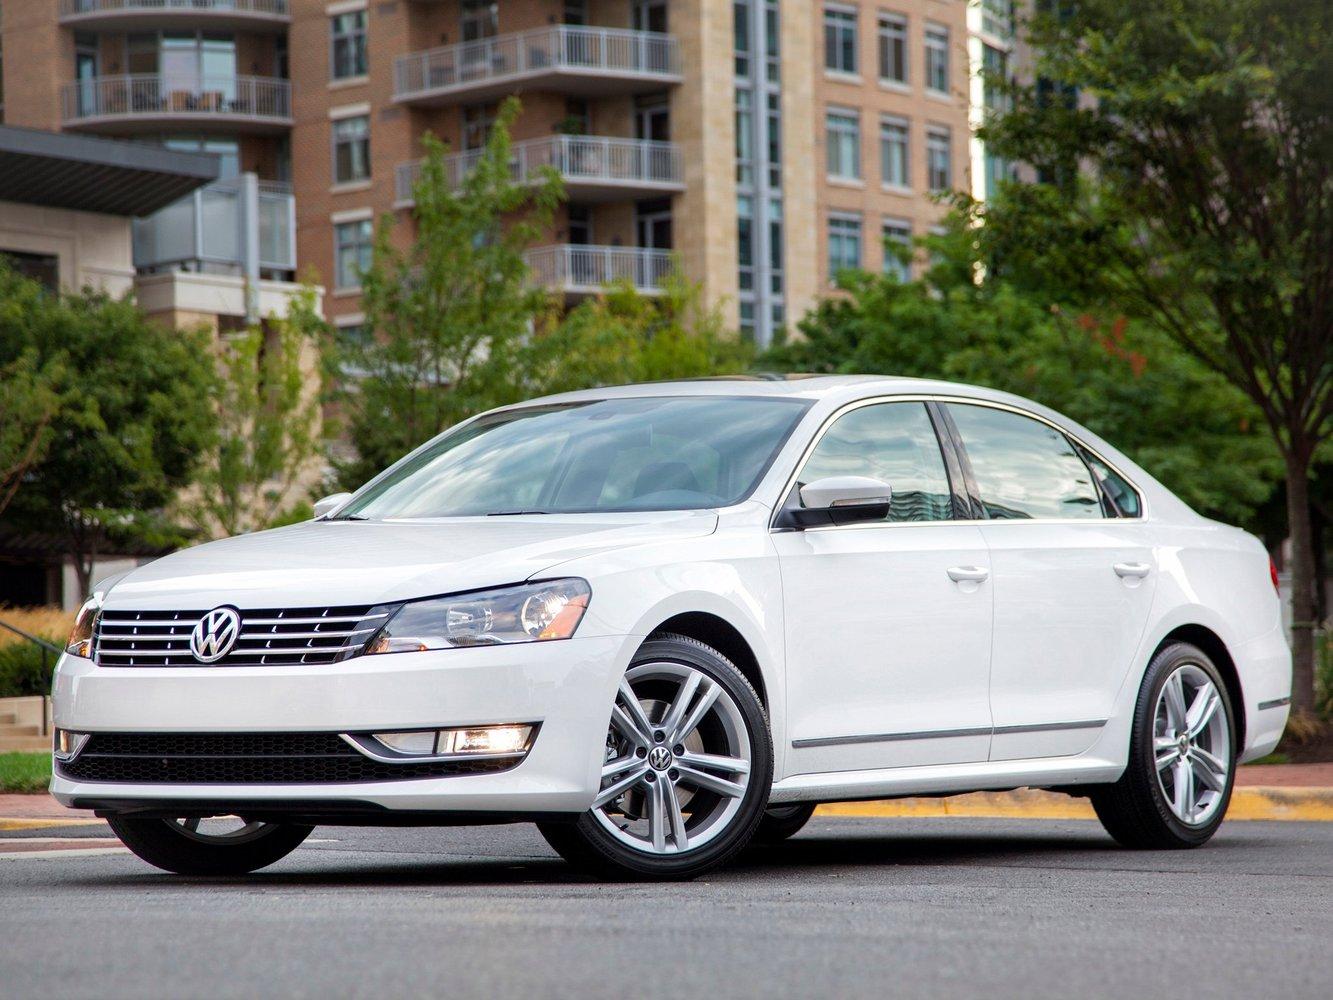 volkswagen Volkswagen Passat (North America)